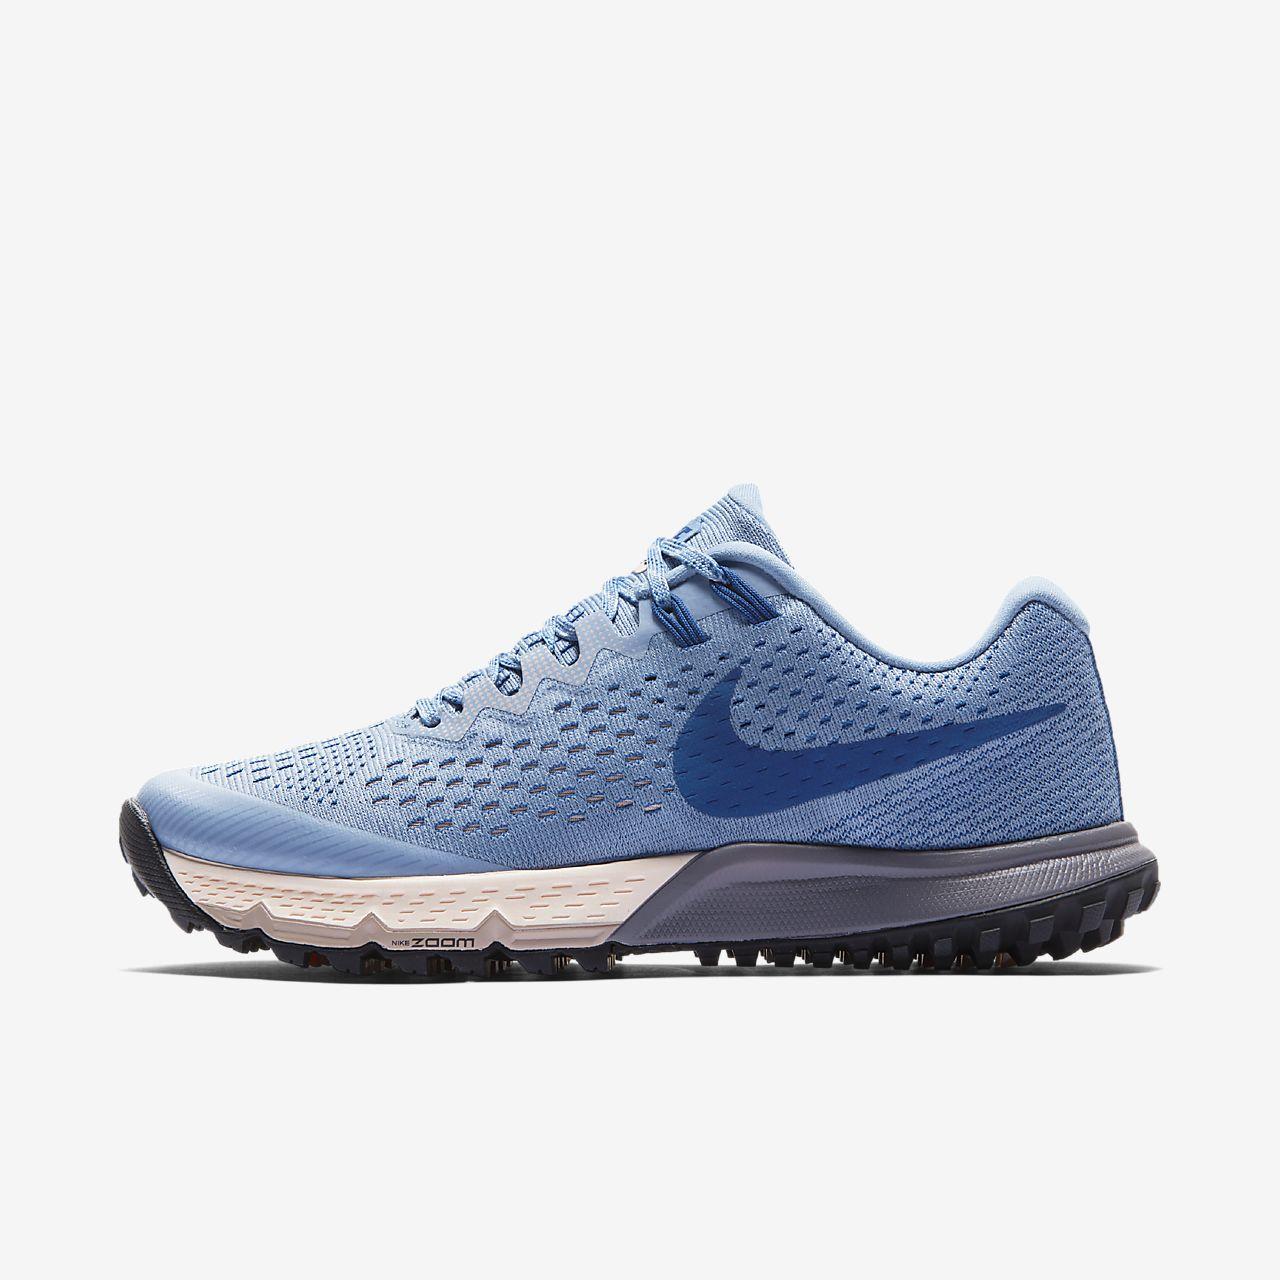 Kiger Zoom Terra DamesNl Air Hardloopschoen Nike 4 8PX0nwOk